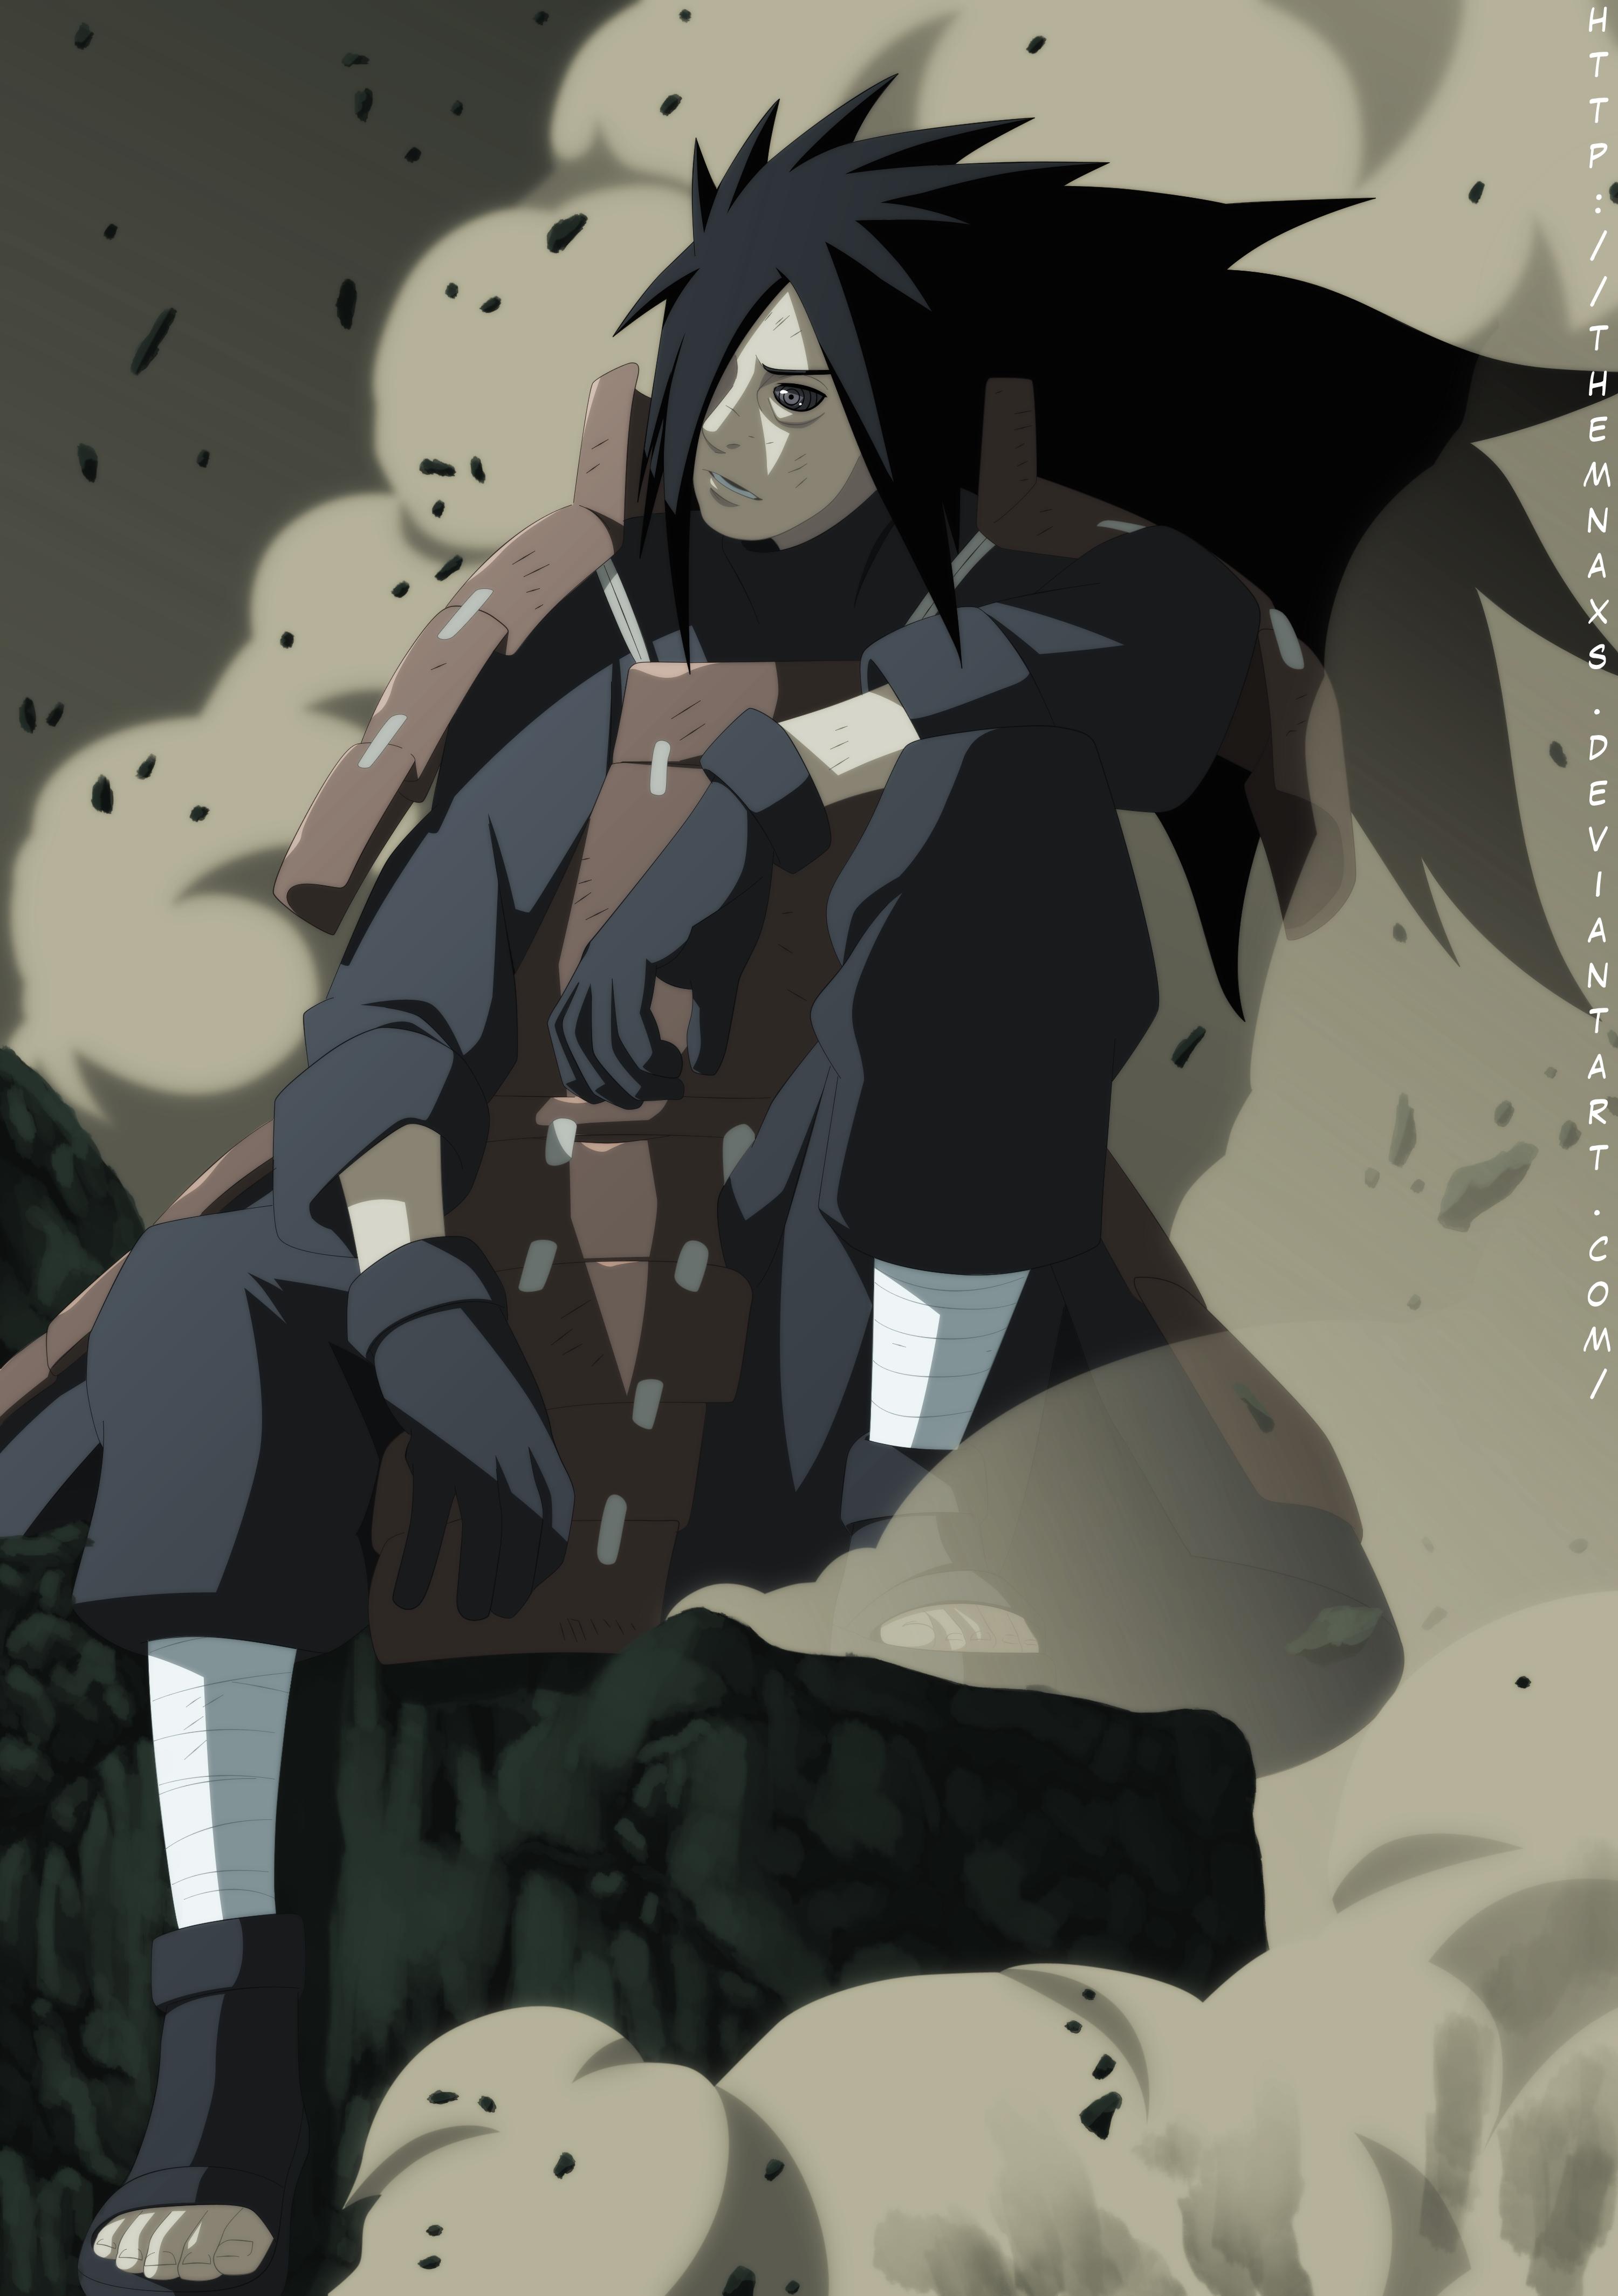 Uchiha Madara Naruto Mobile Wallpaper 1339655 Zerochan Anime Image Board